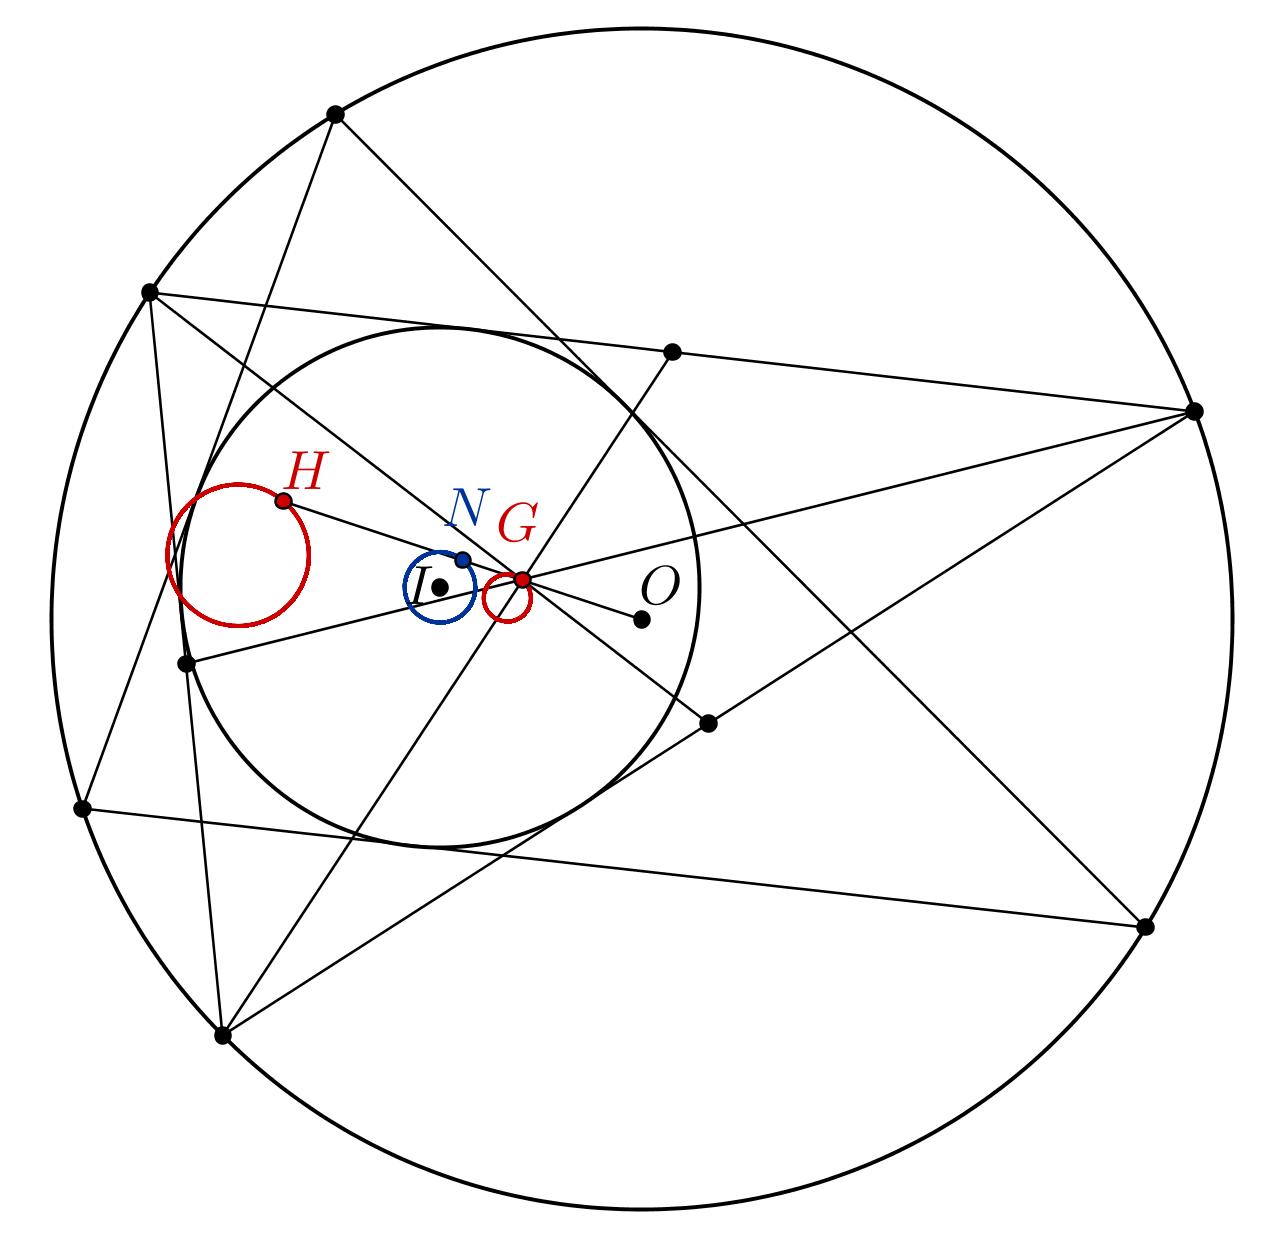 Circle N S